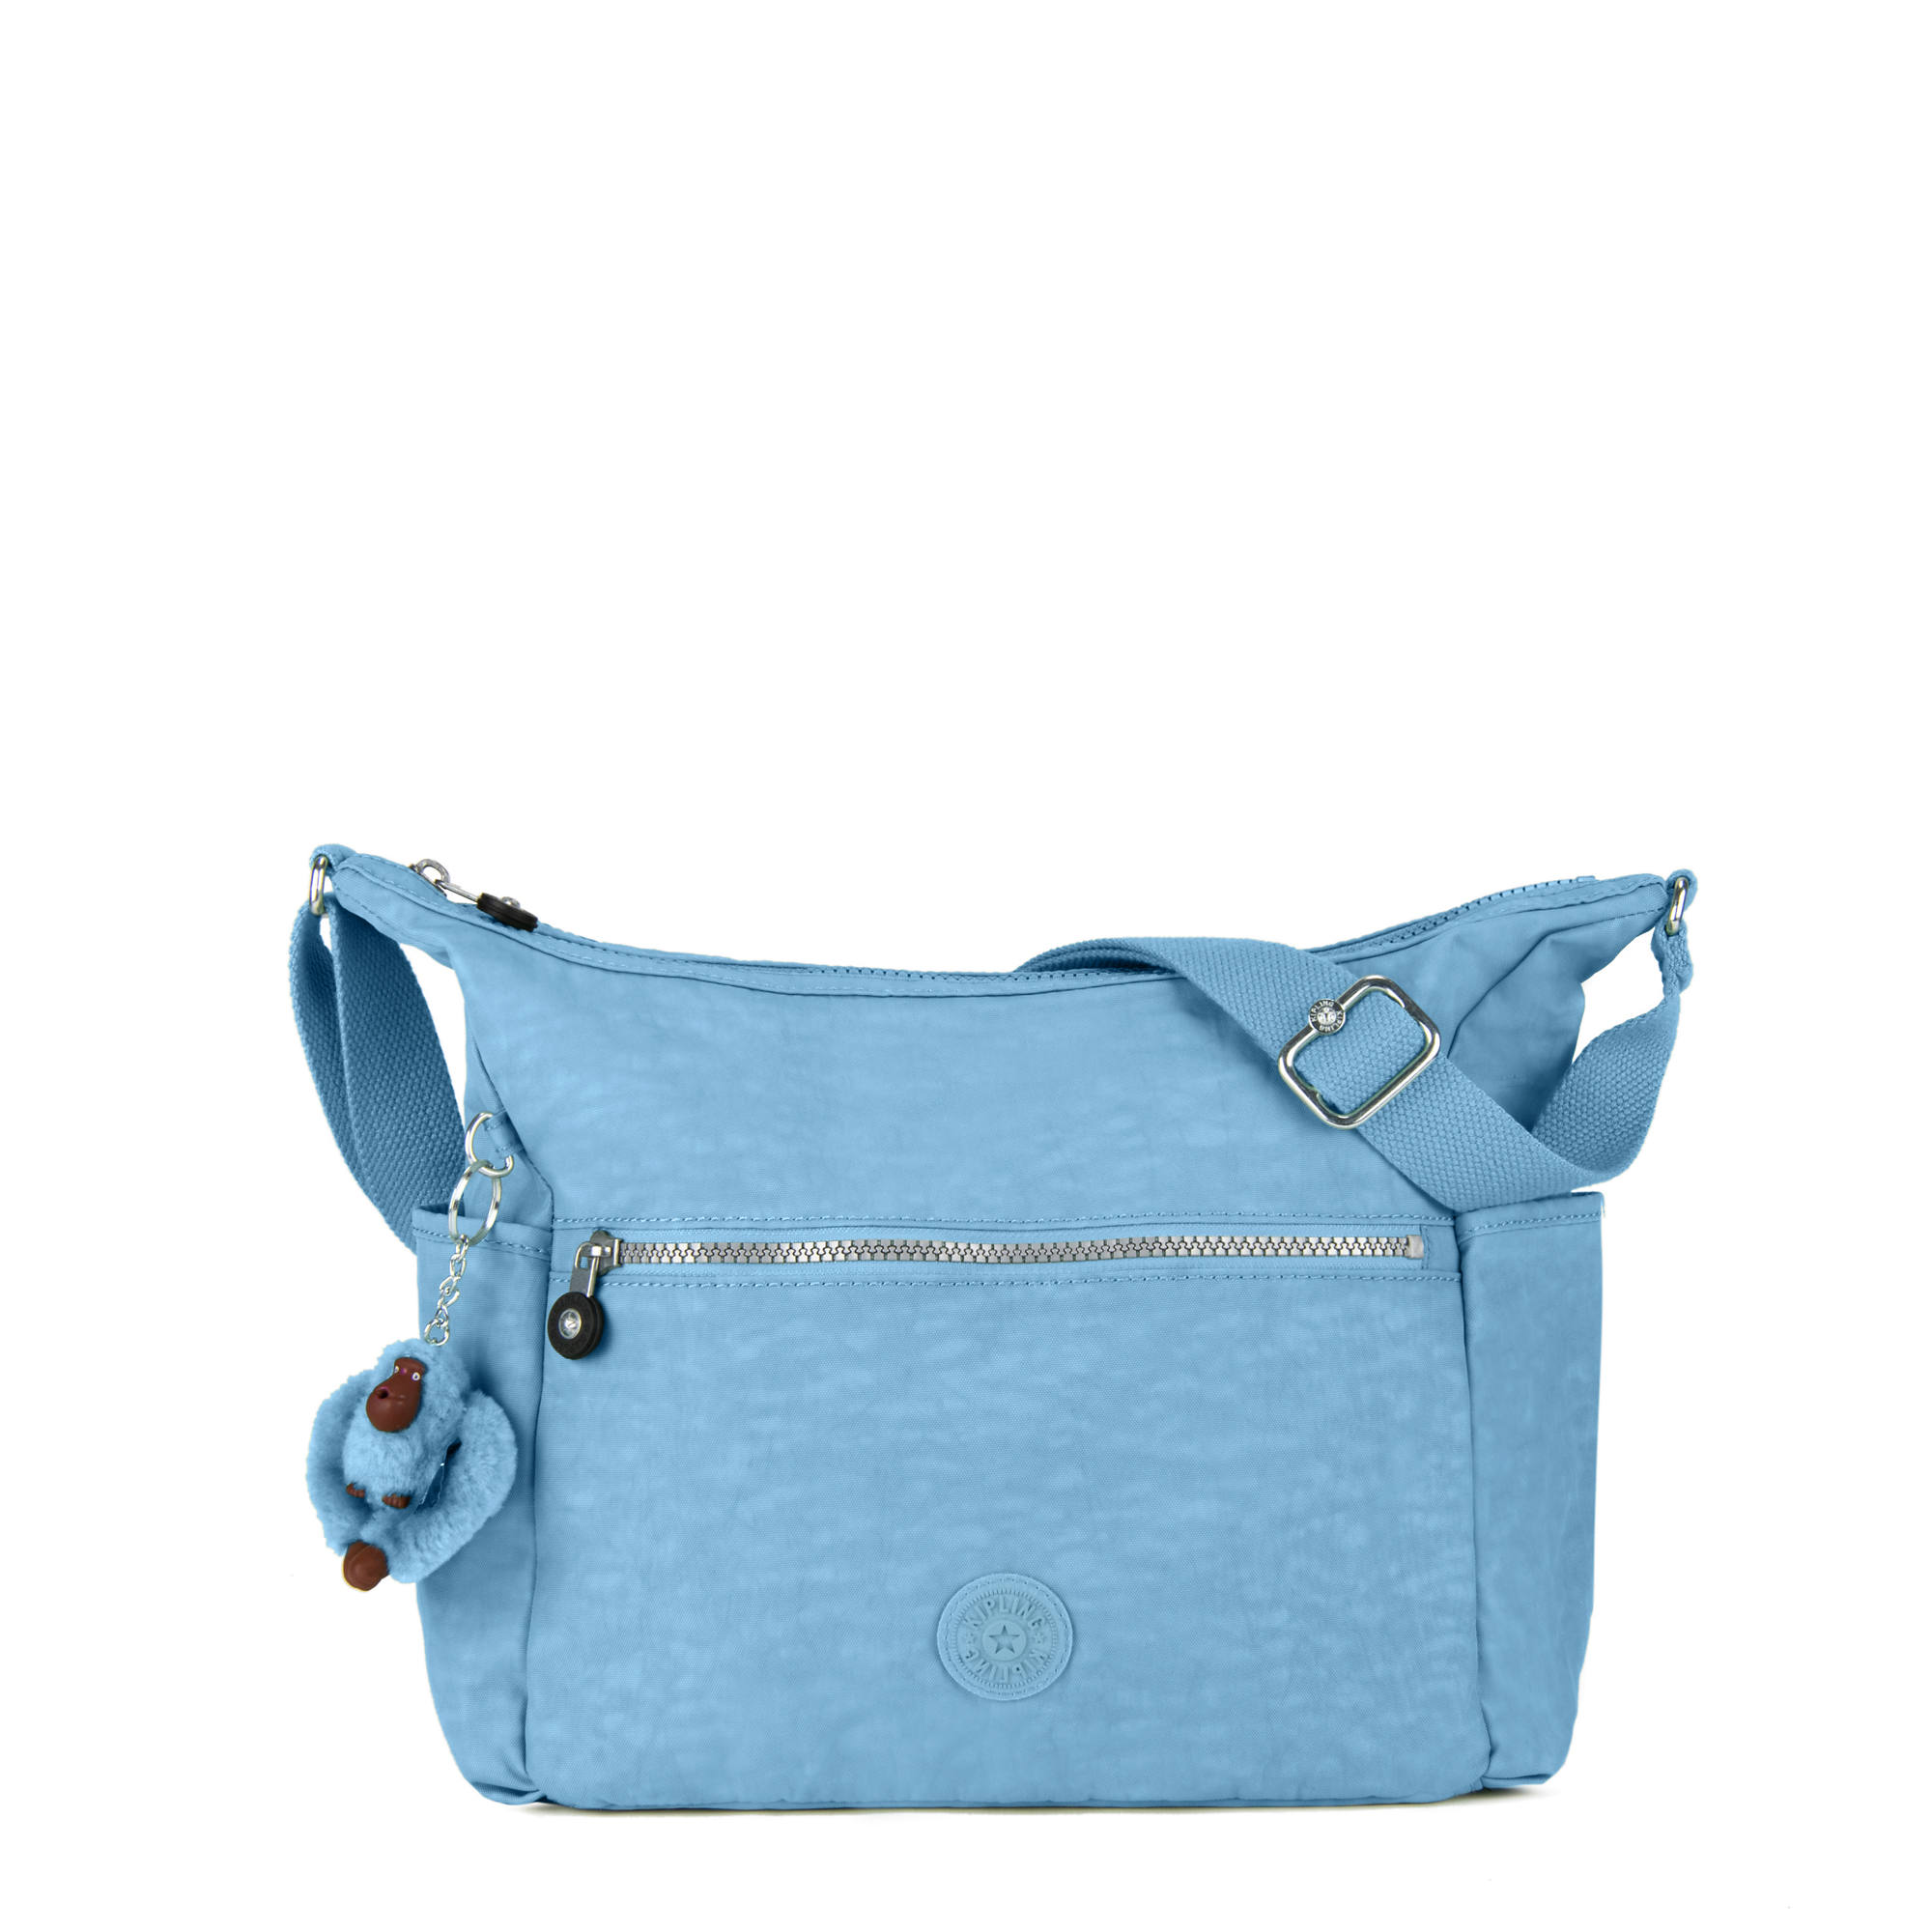 ec9019176d1 Alenya Crossbody Bag,Blue Beam Classic,large